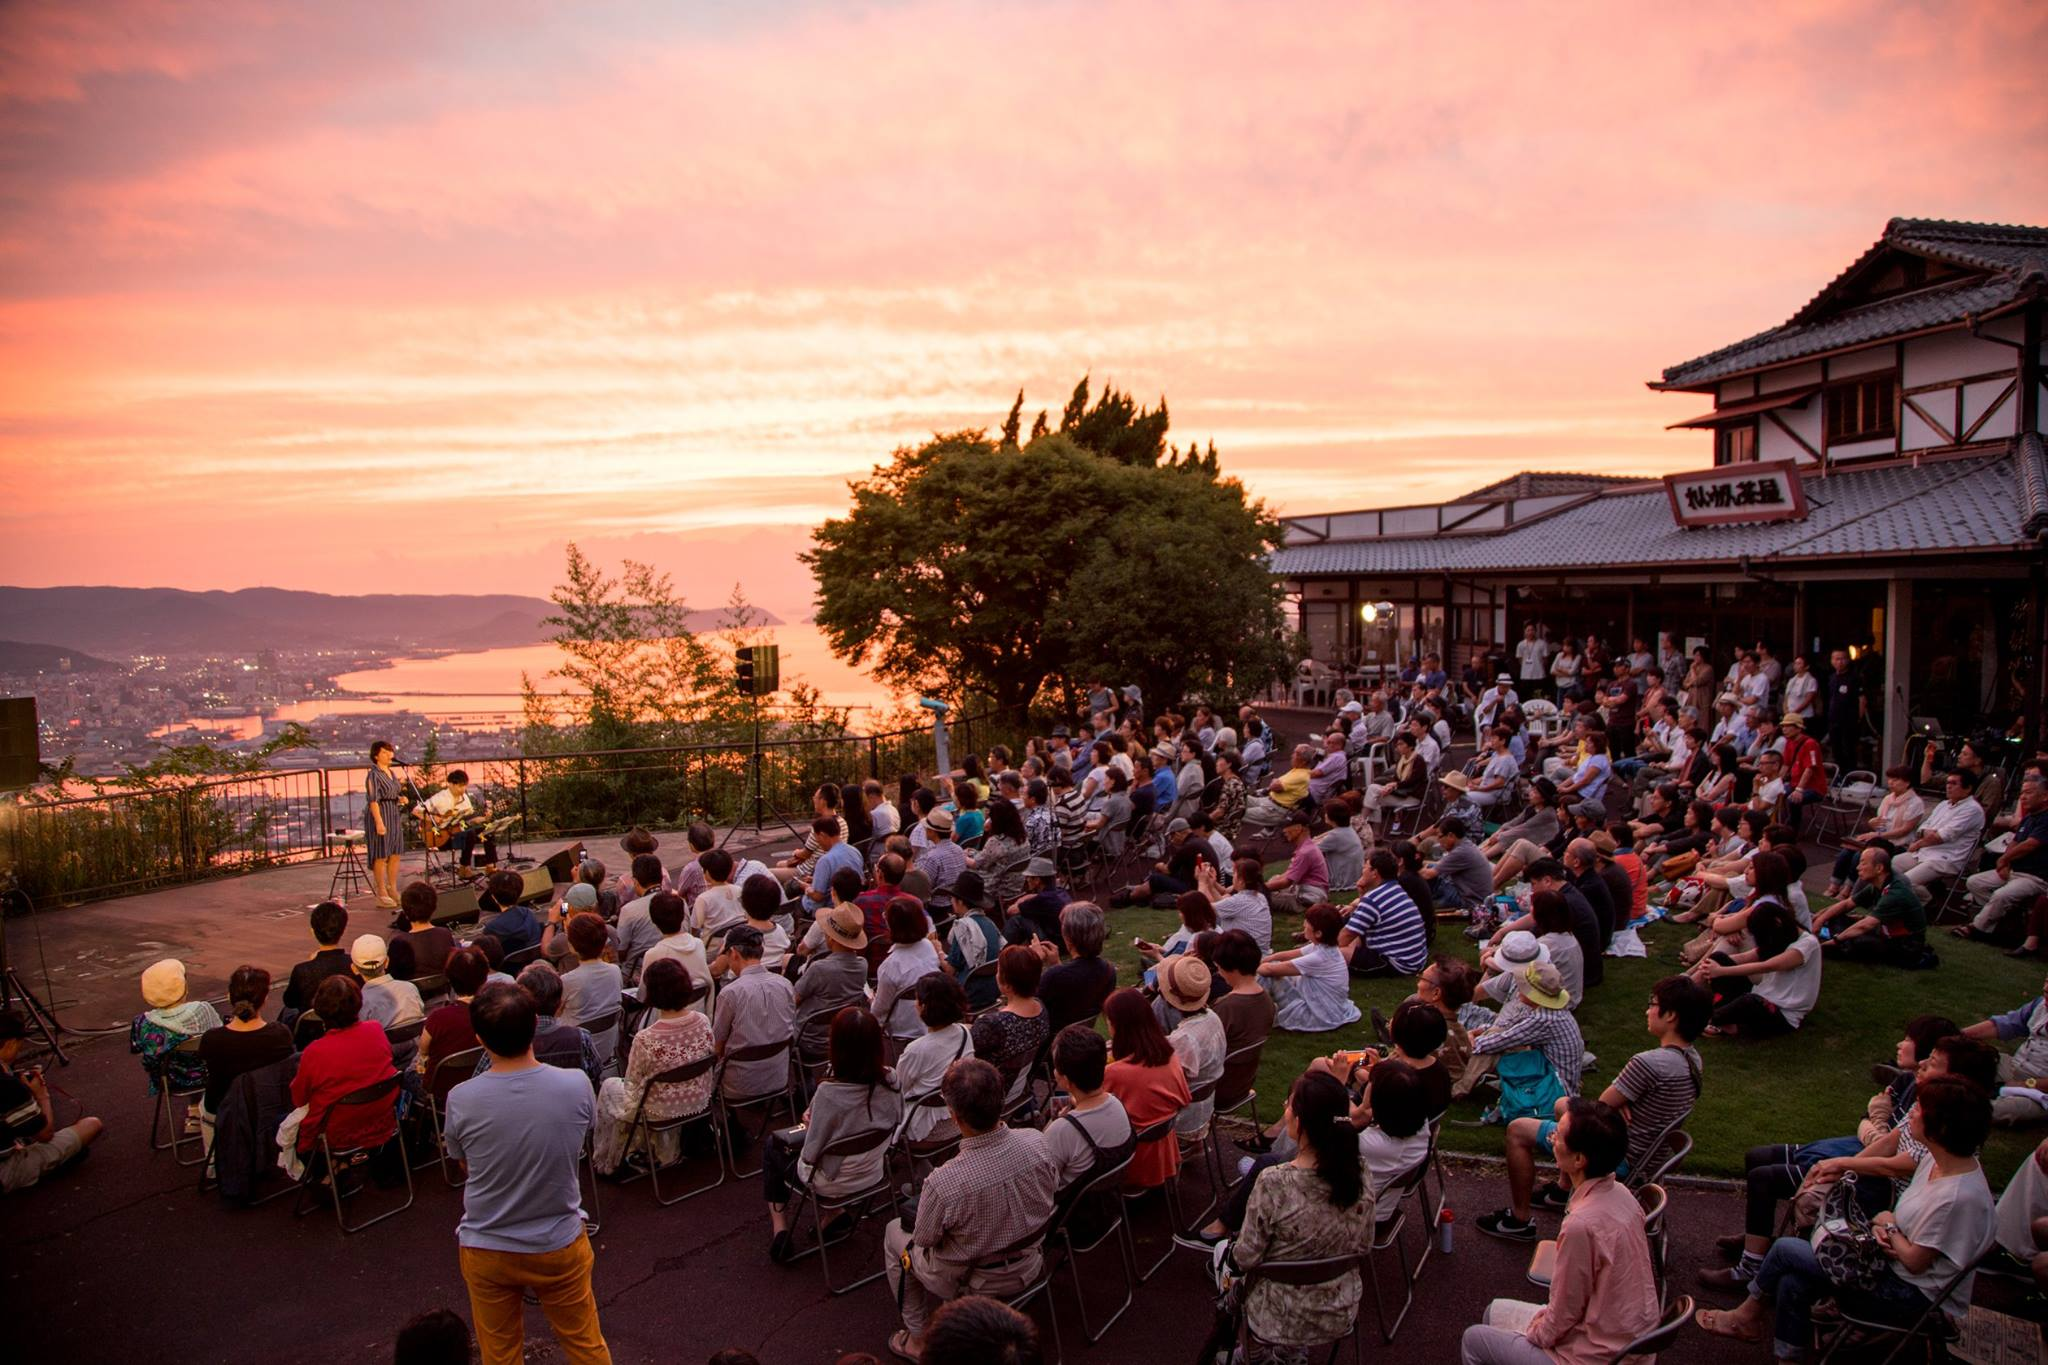 源平の古戦場として知られる高松市の屋島で開かれたライブ=2017年8月